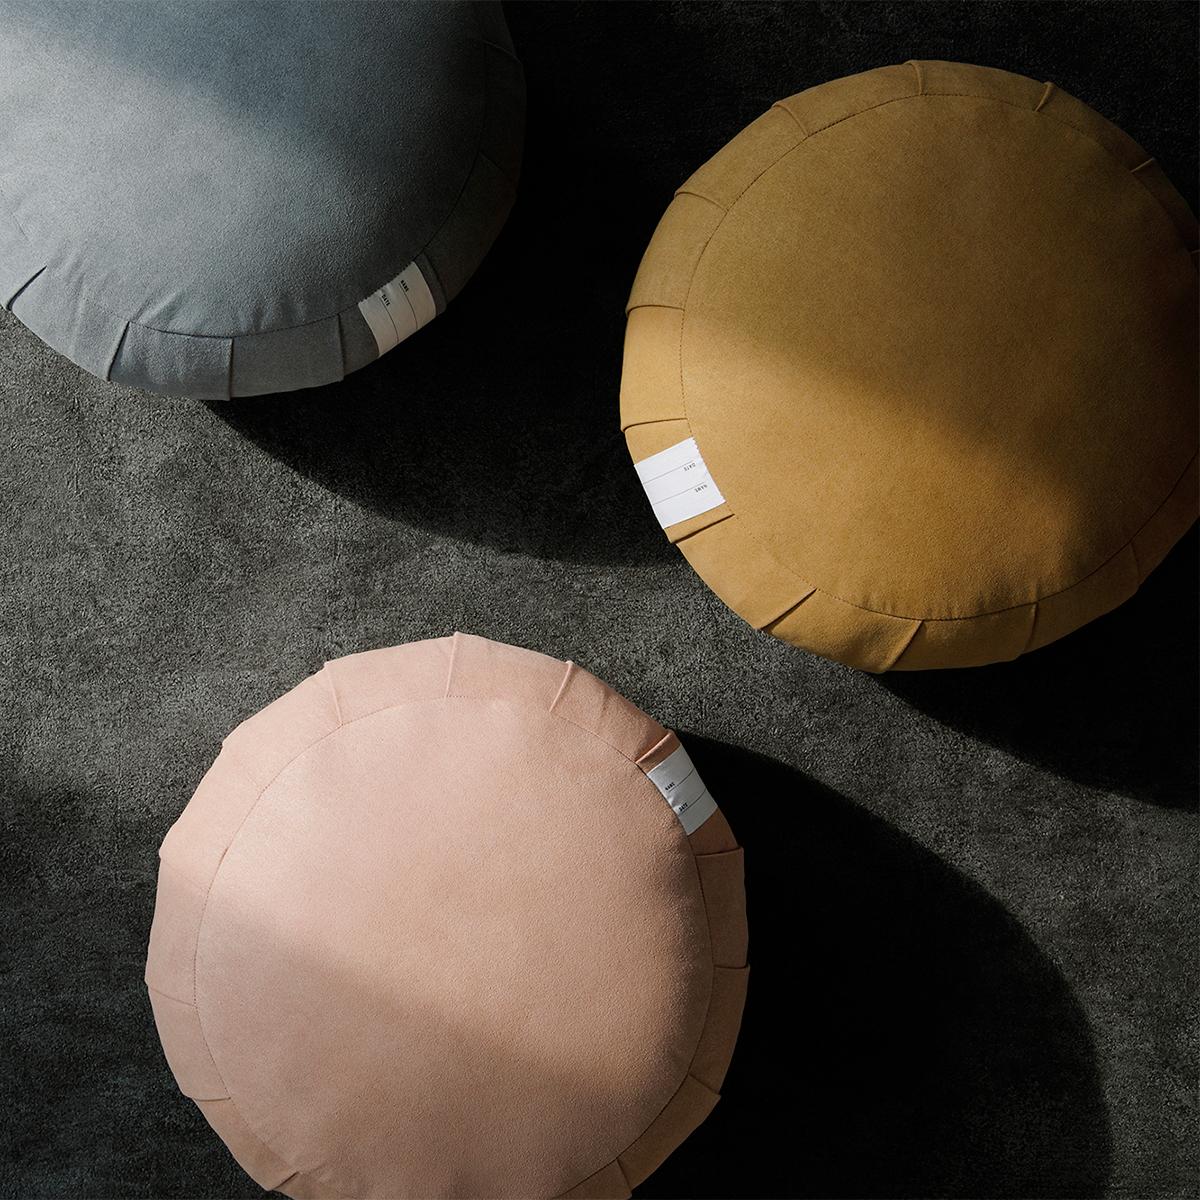 僧侶が坐禅を組むときに使う「坐禅蒲団」と同じ伝統的製法で作られたクッション坐禅蒲団(坐蒲)・瞑想用クッション| ZAF(ザフ)